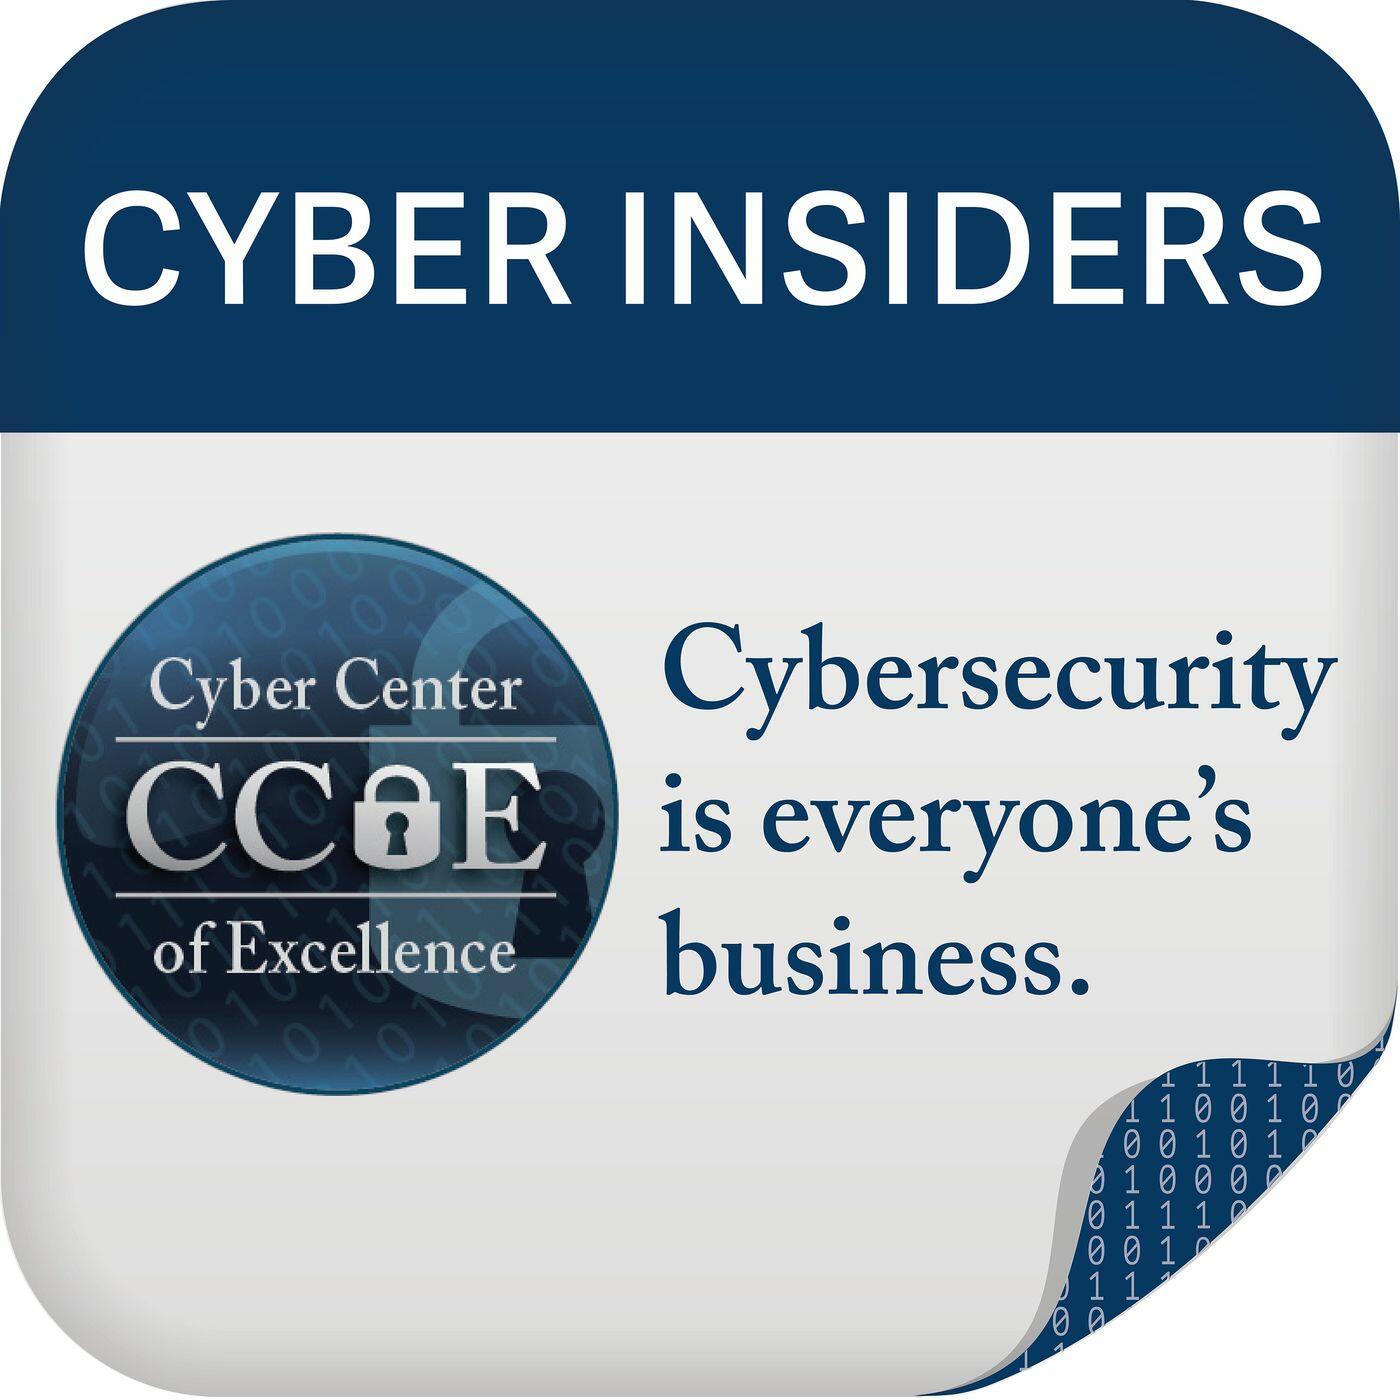 Cyber Insiders